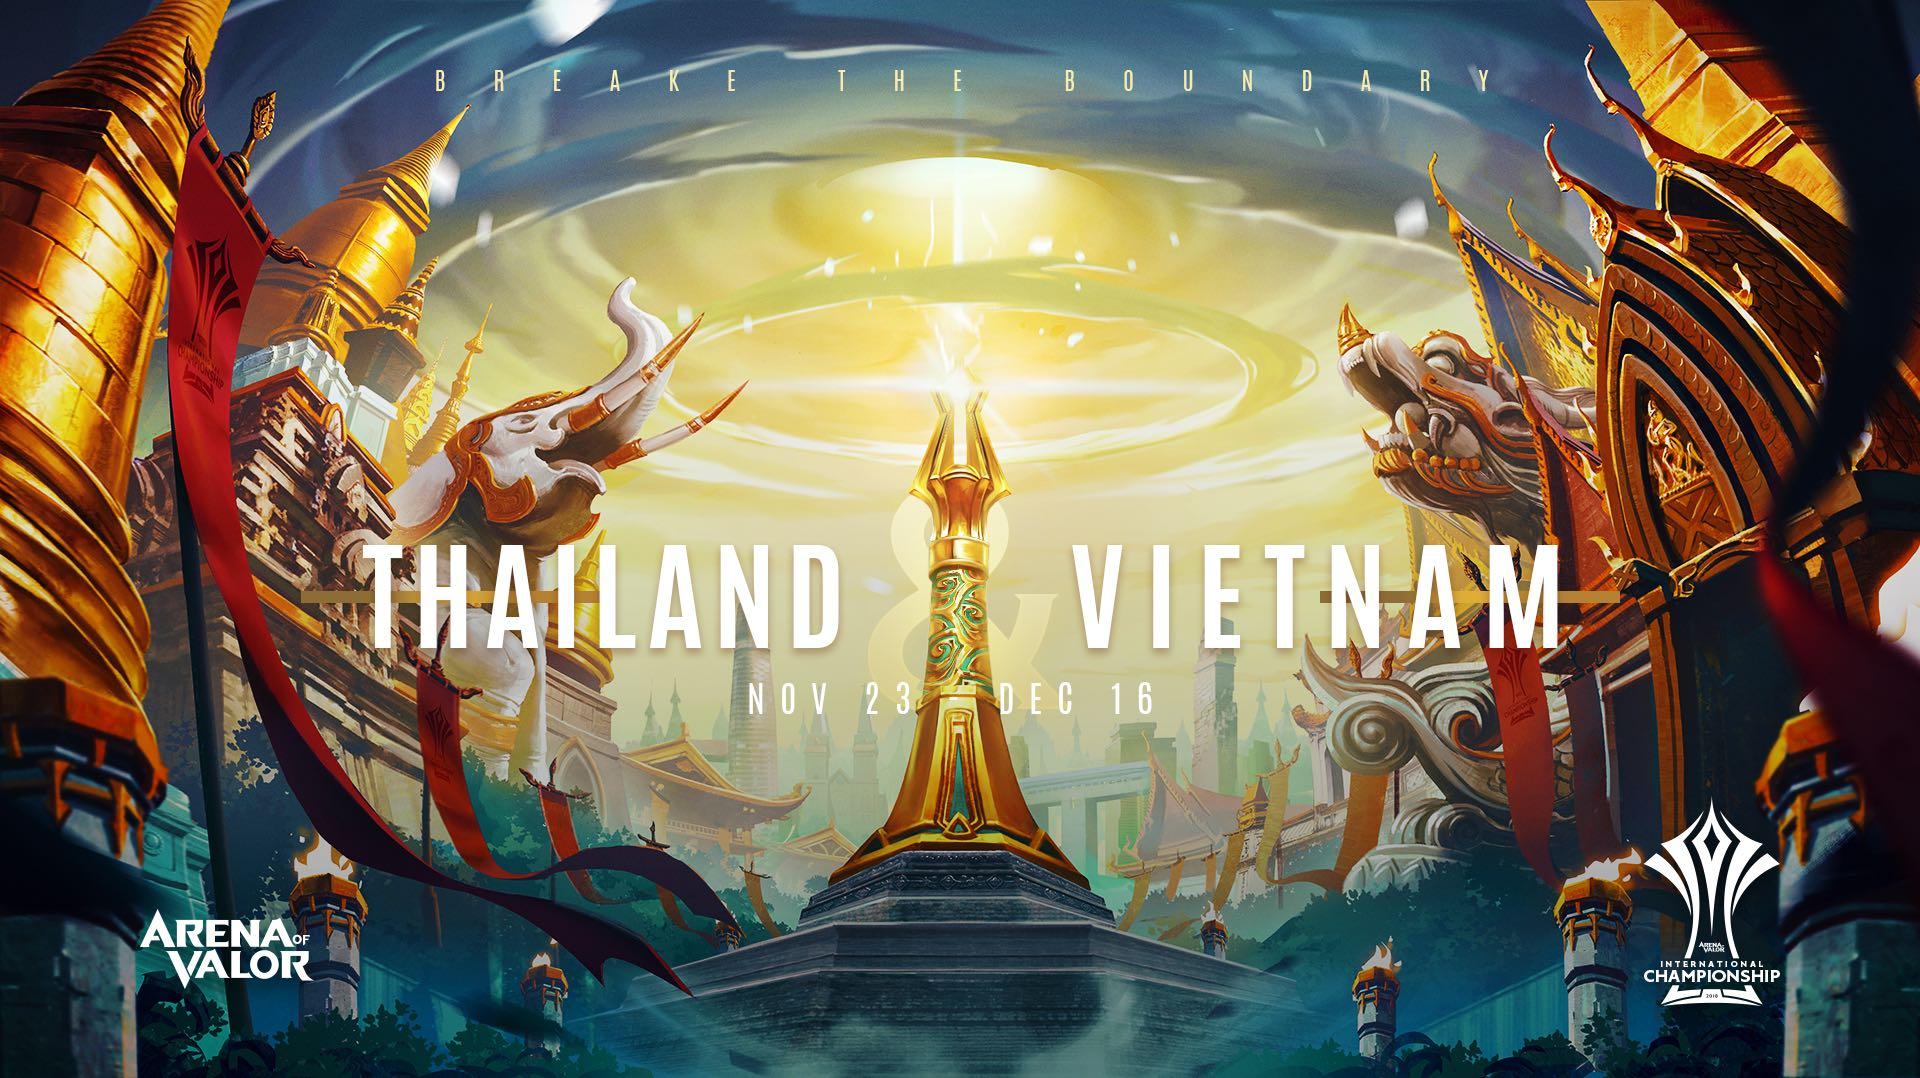 AIC 2018 là giải đấu Thể thao điện tử lớn nhất từng được tổ chức tại Việt Nam